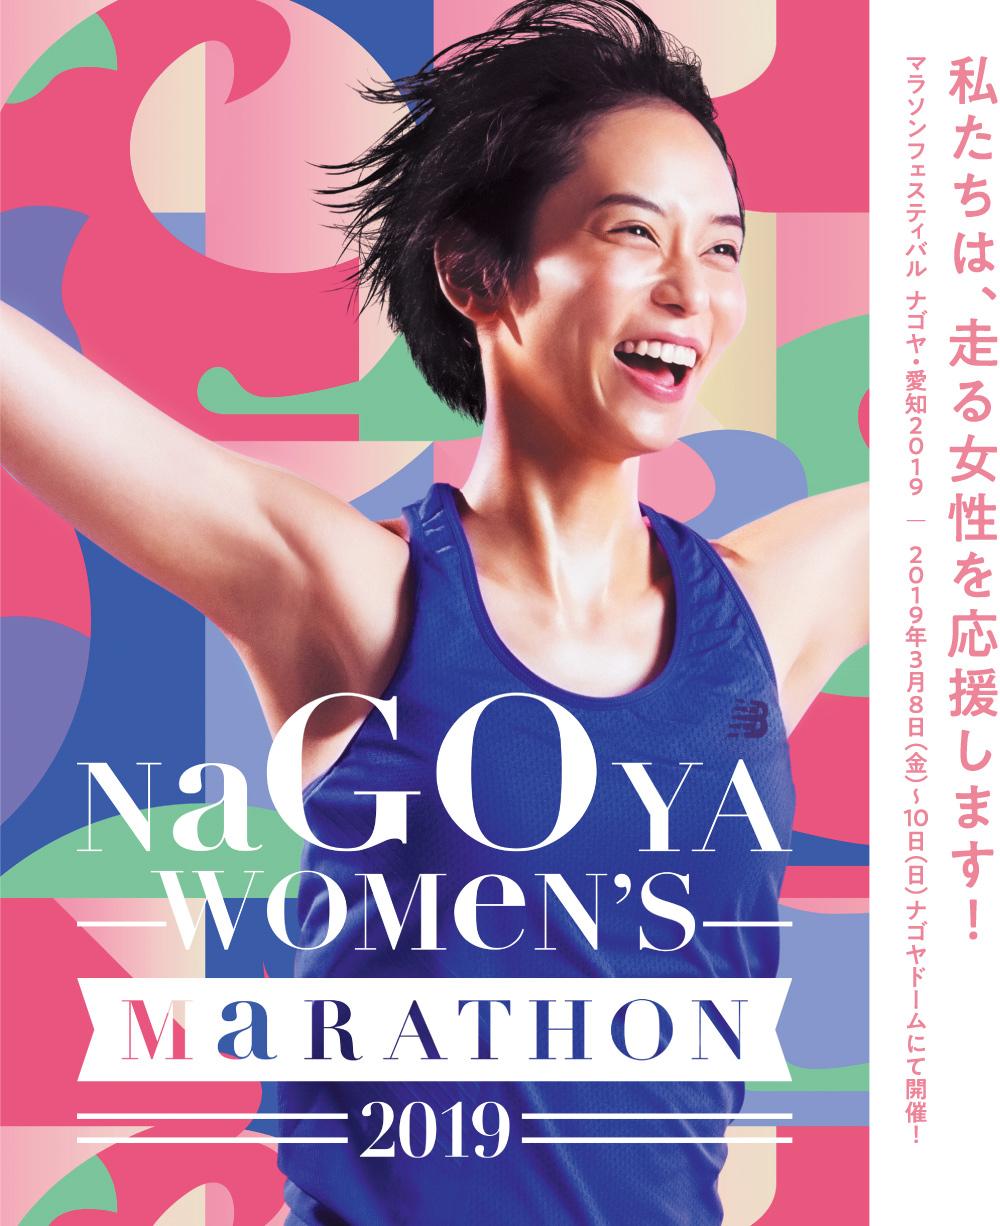 私たちは、走る女性を応援します! マラソンフェスティバル ナゴヤ・愛知2019 | 2019年3月8日(金)〜10日(日)ナゴヤドームにて開催!